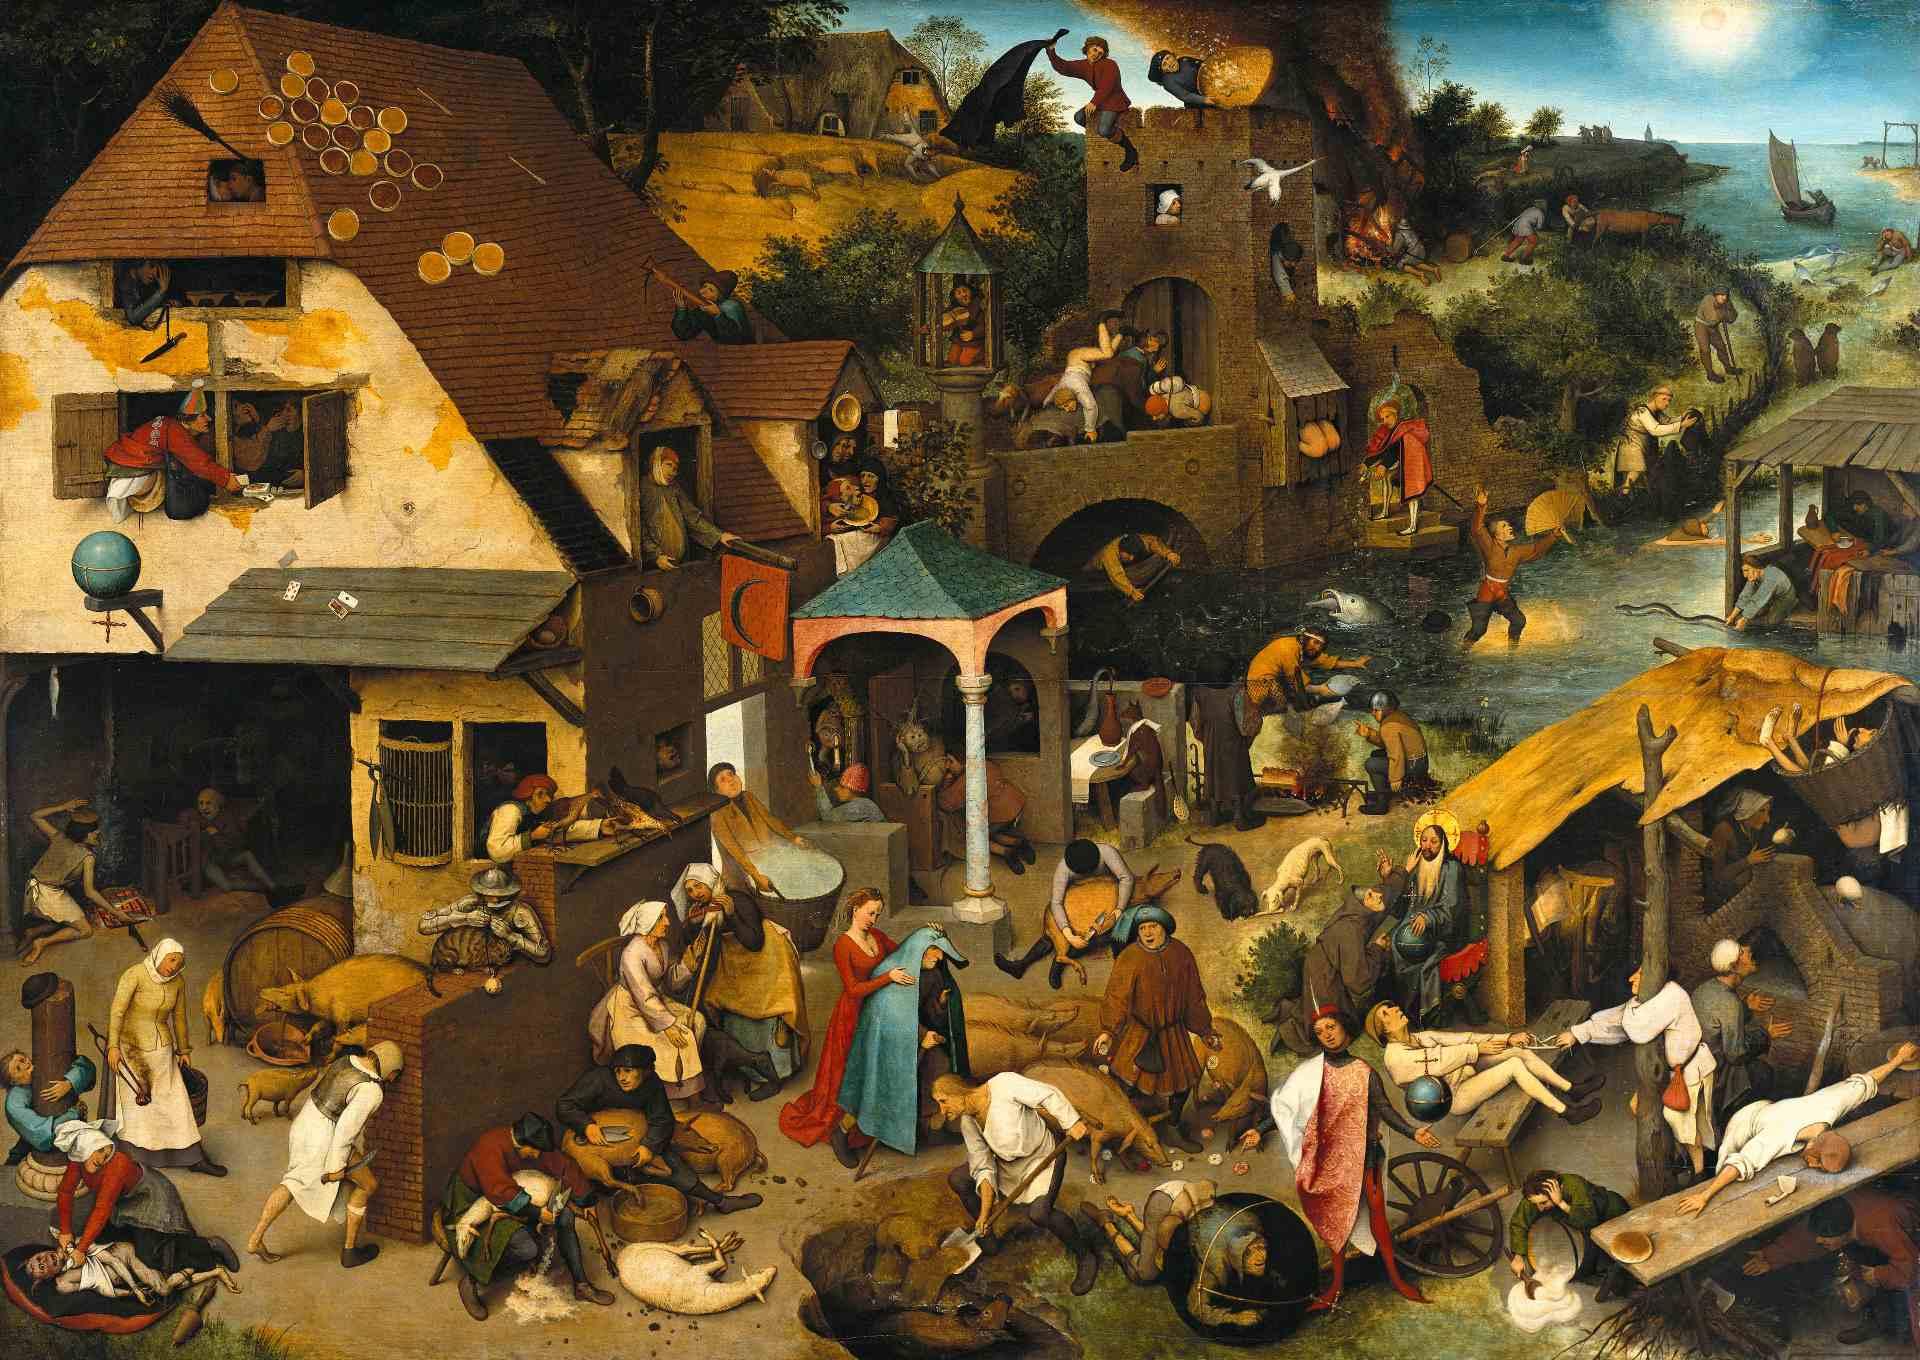 Les proverbes flamands de Pieter Brueghel l'Ancien